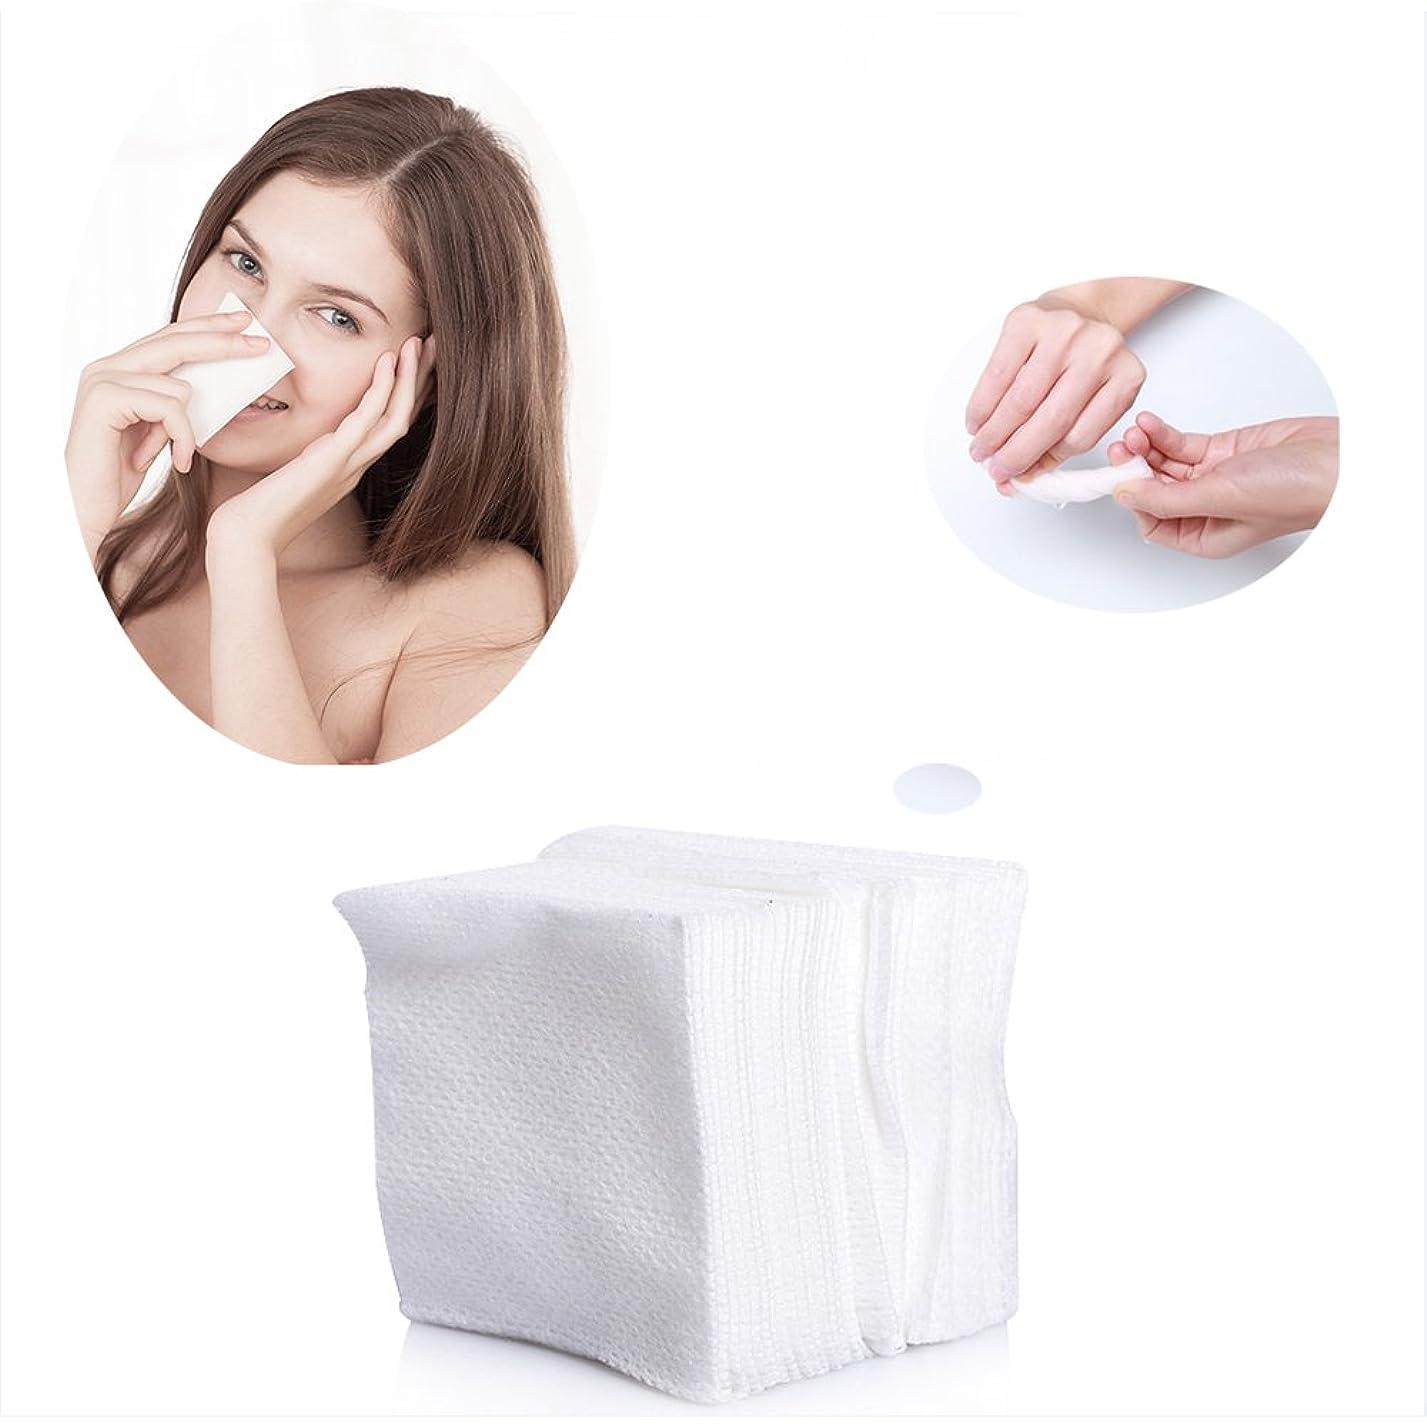 永遠の悪質な始まりコットンパフ 化粧用コットン 敏感肌 顔拭きシート メイクアップ コットン 100枚入